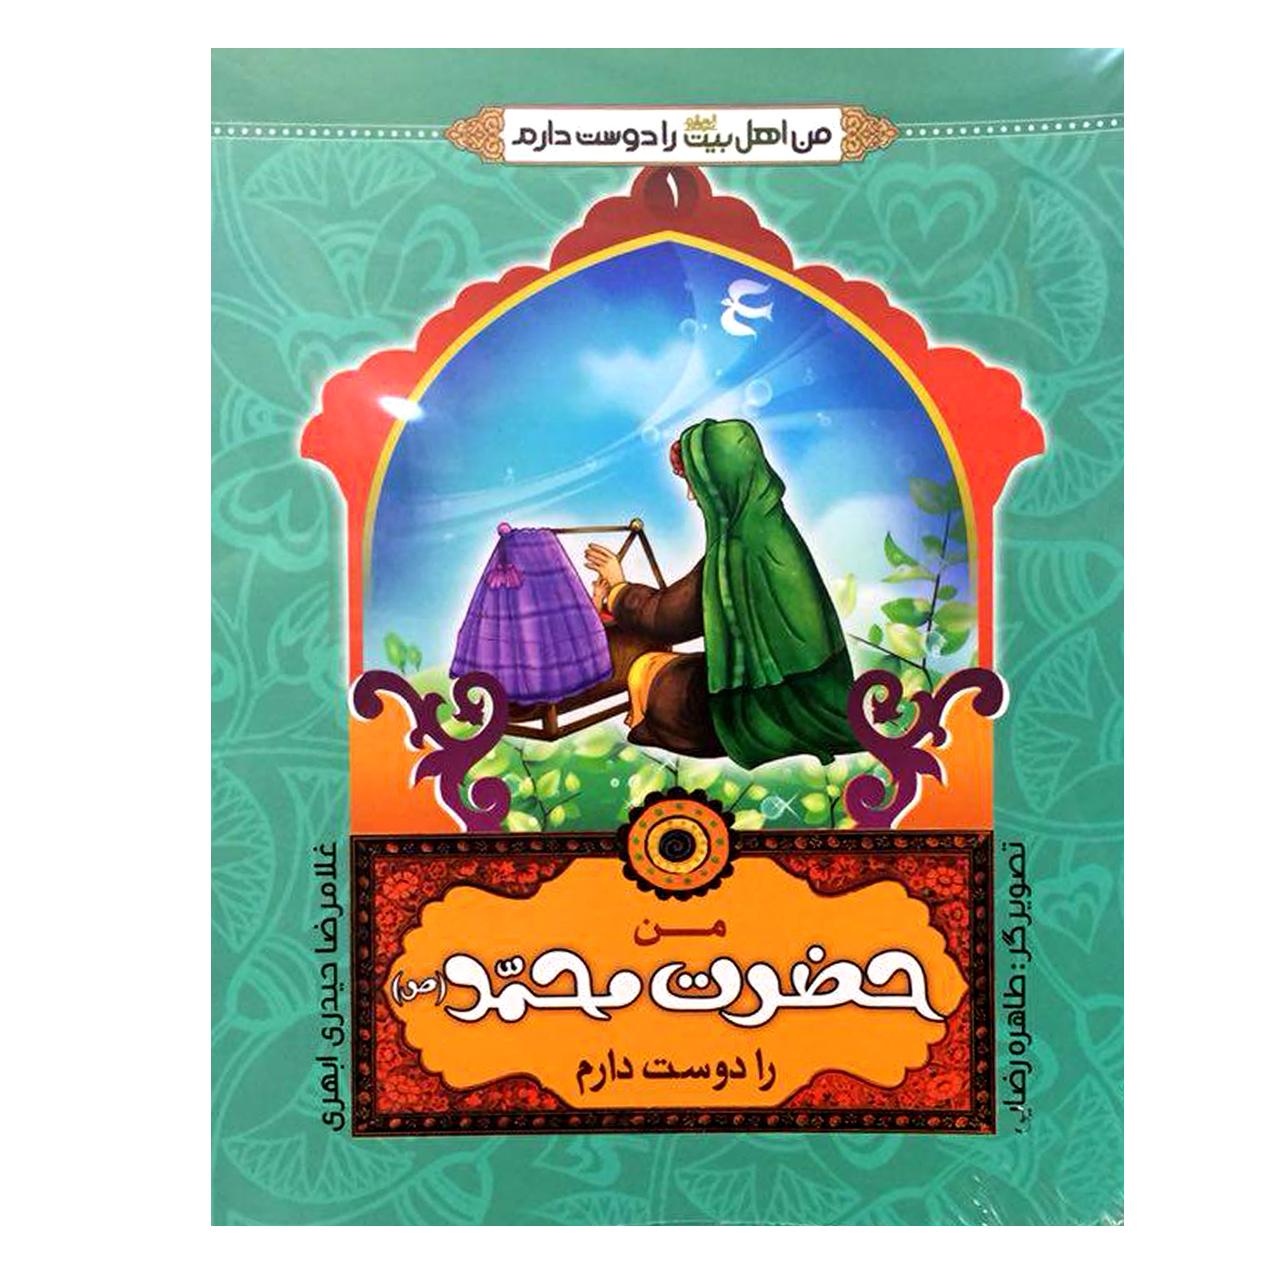 خرید                      کتاب من اهل بیت(ع) را دوست دارم اثر غلامرضا حیدری ابهری